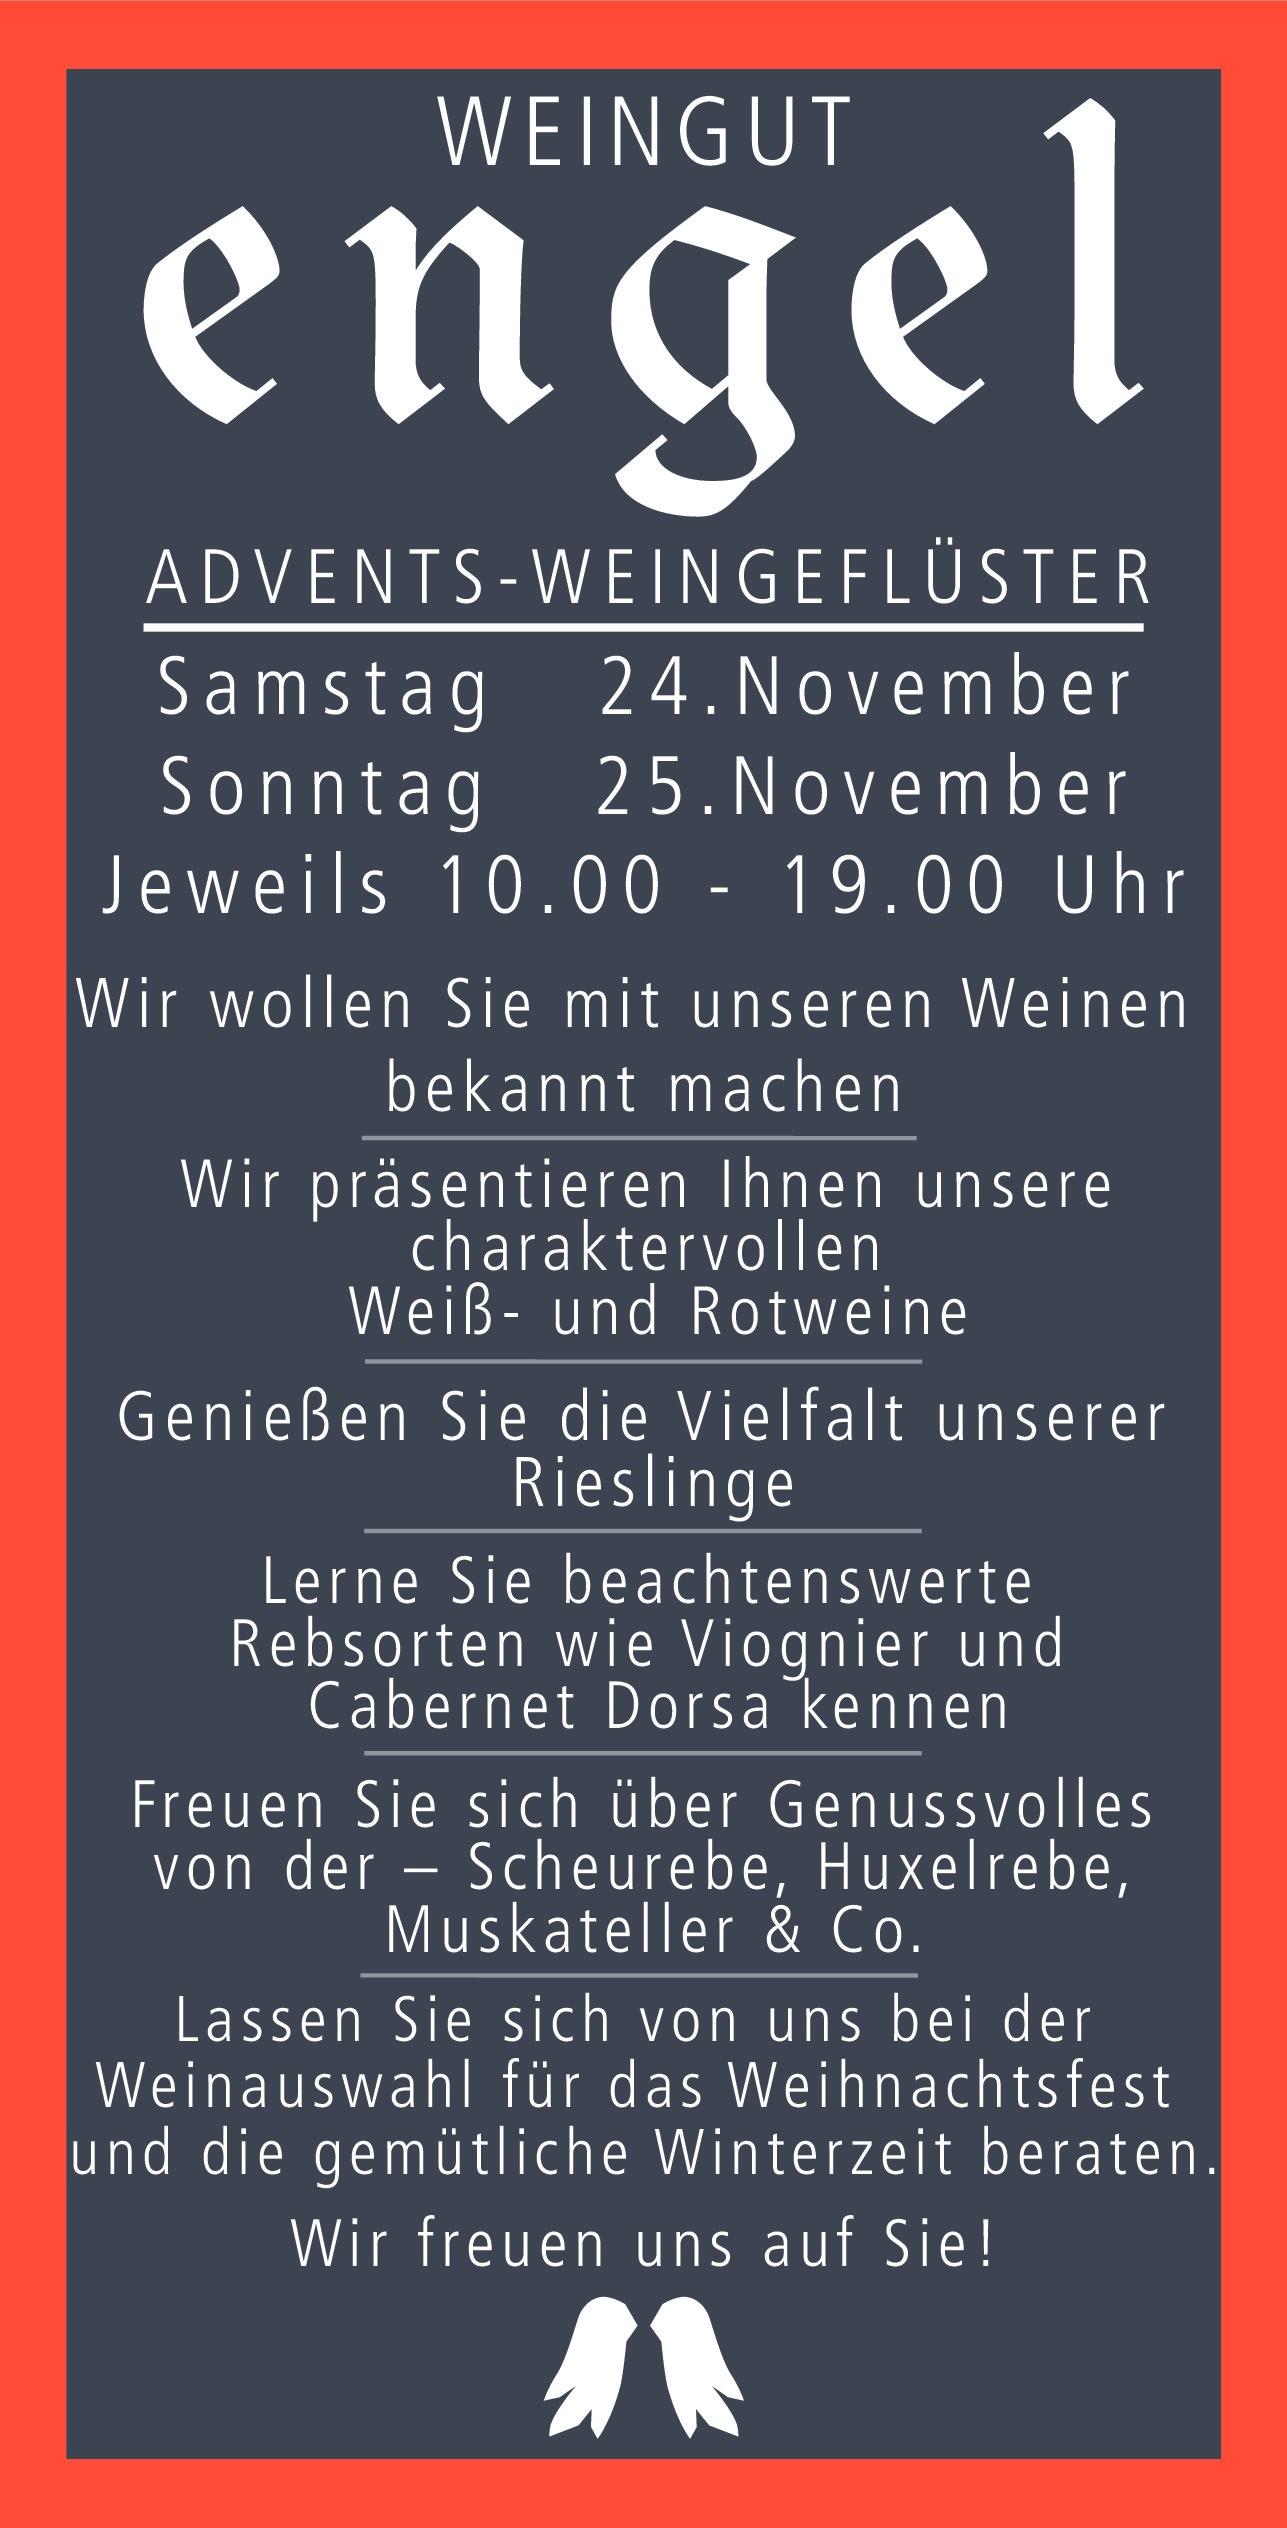 Weingeflüster am 24. und 25. November 2018